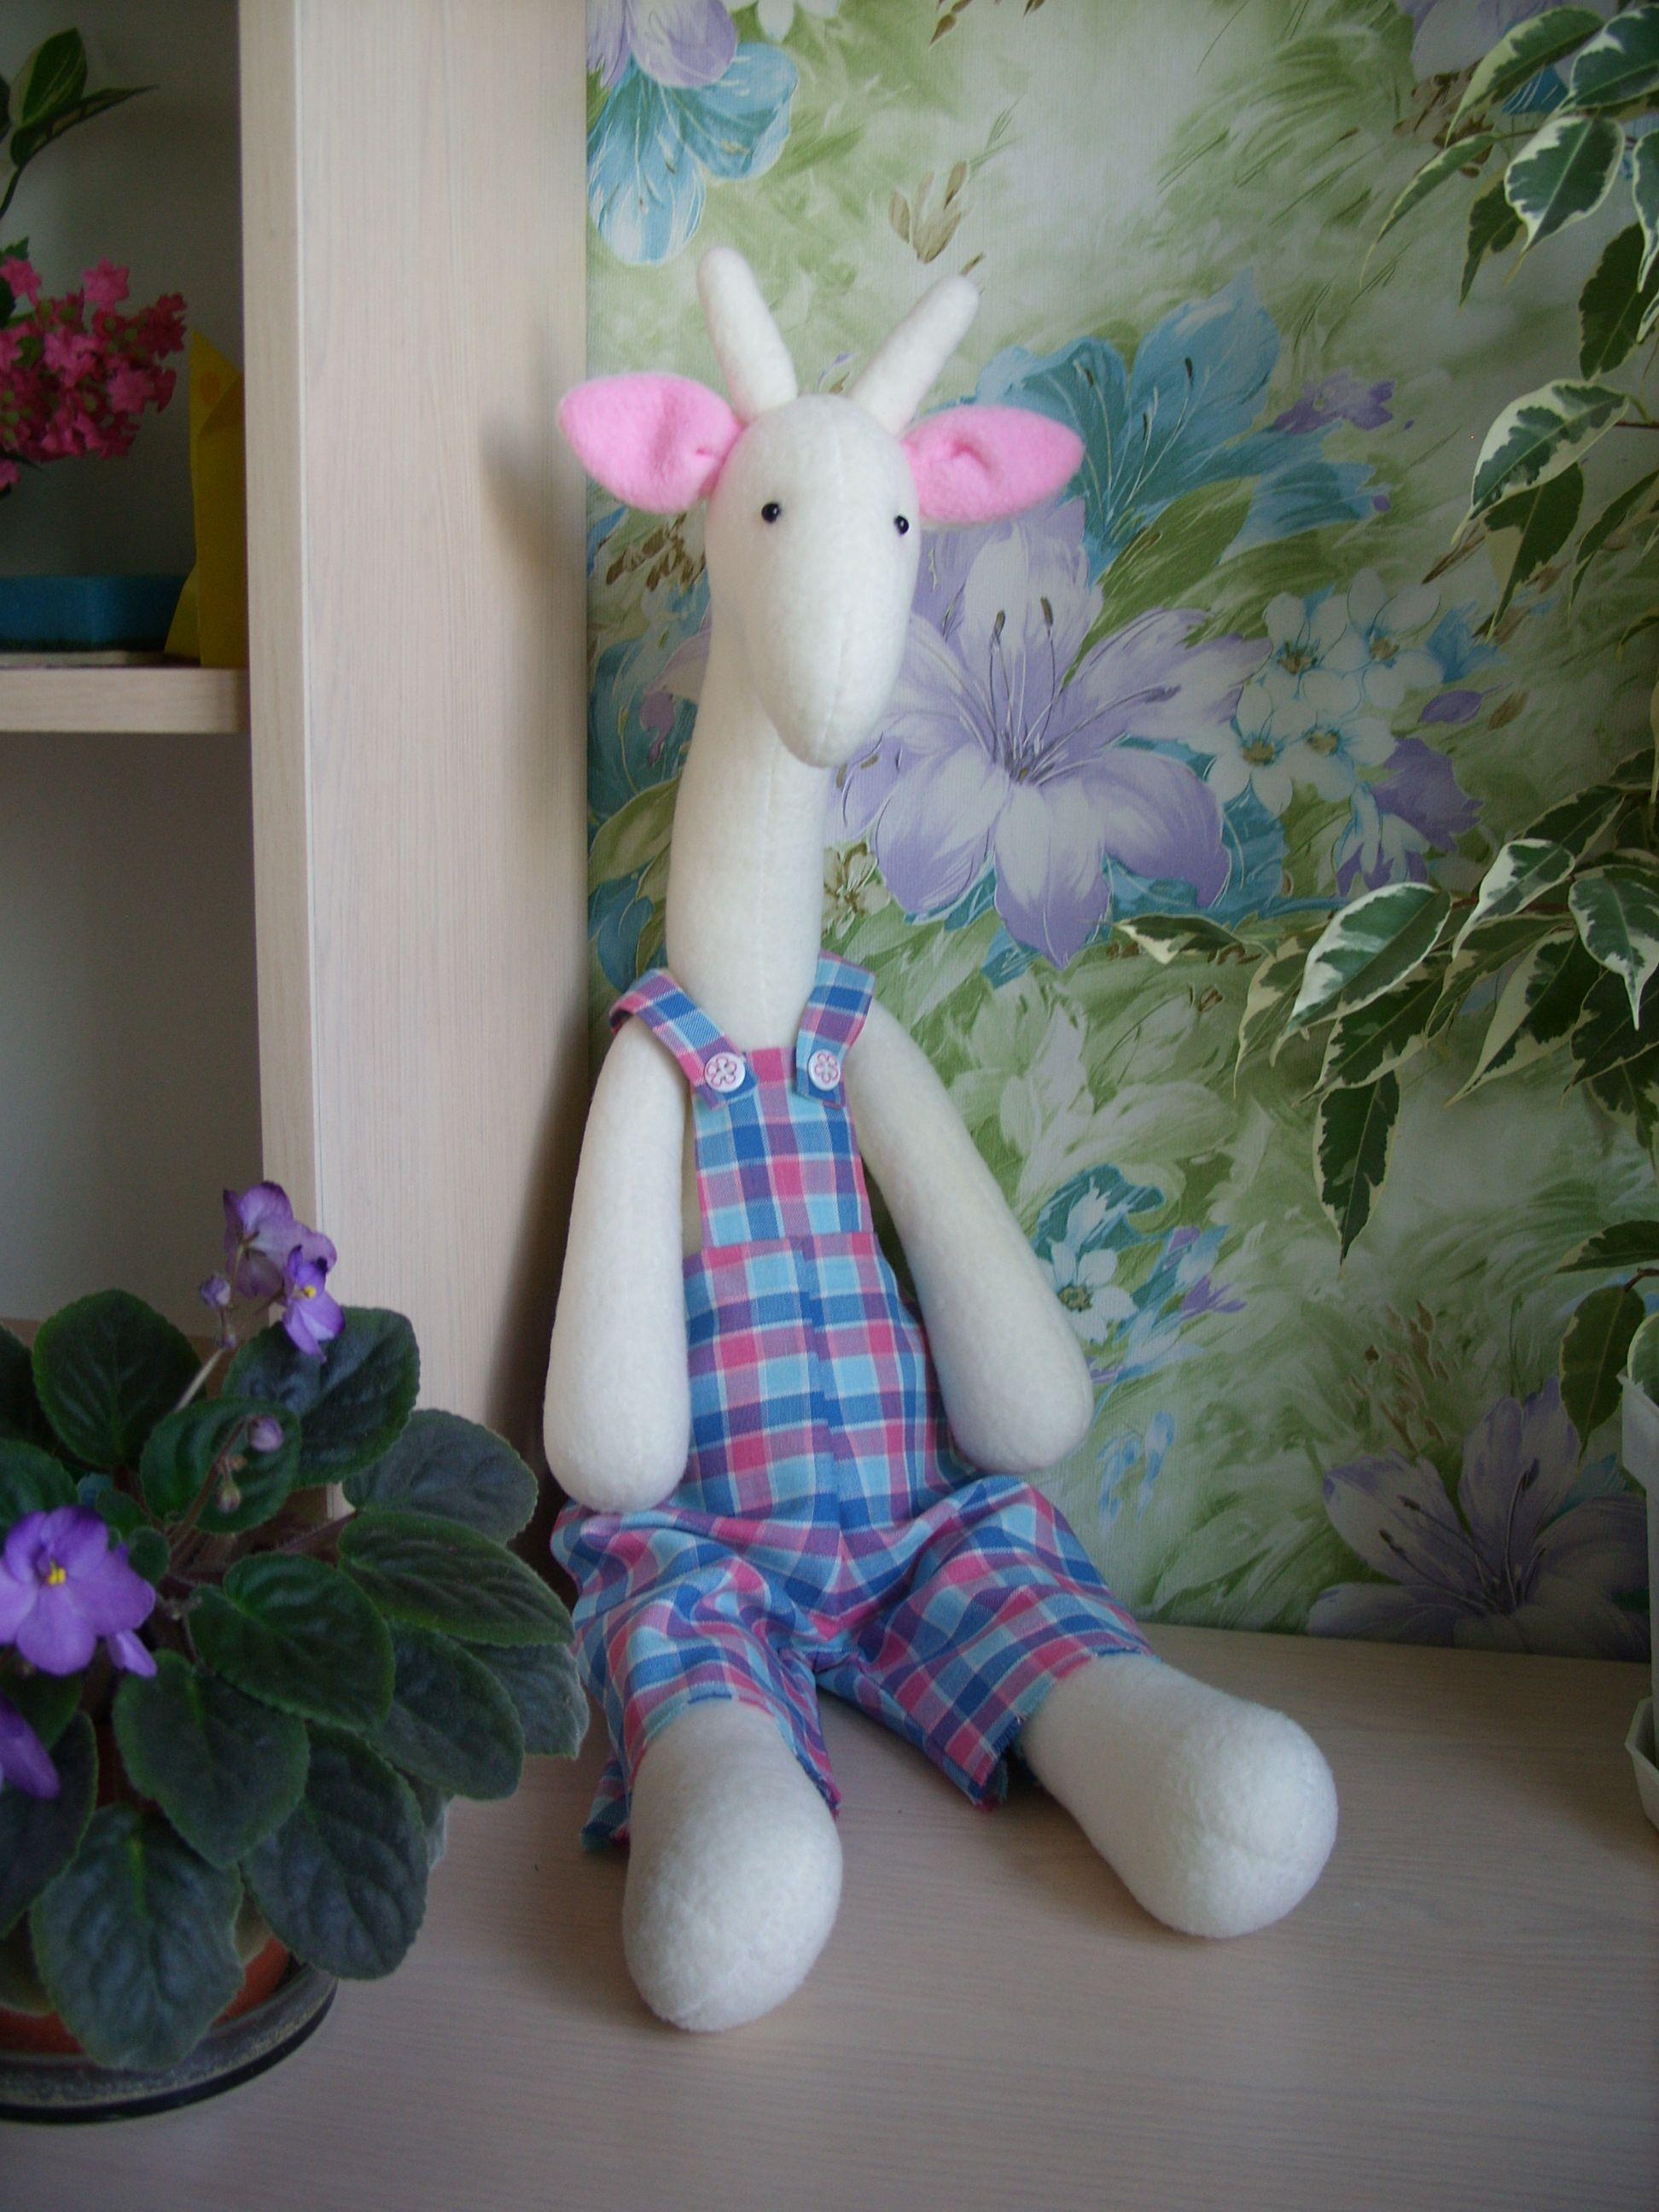 тильдажираф игрушка флис жираф мягкаяигрушка тильда длядевочки подарок